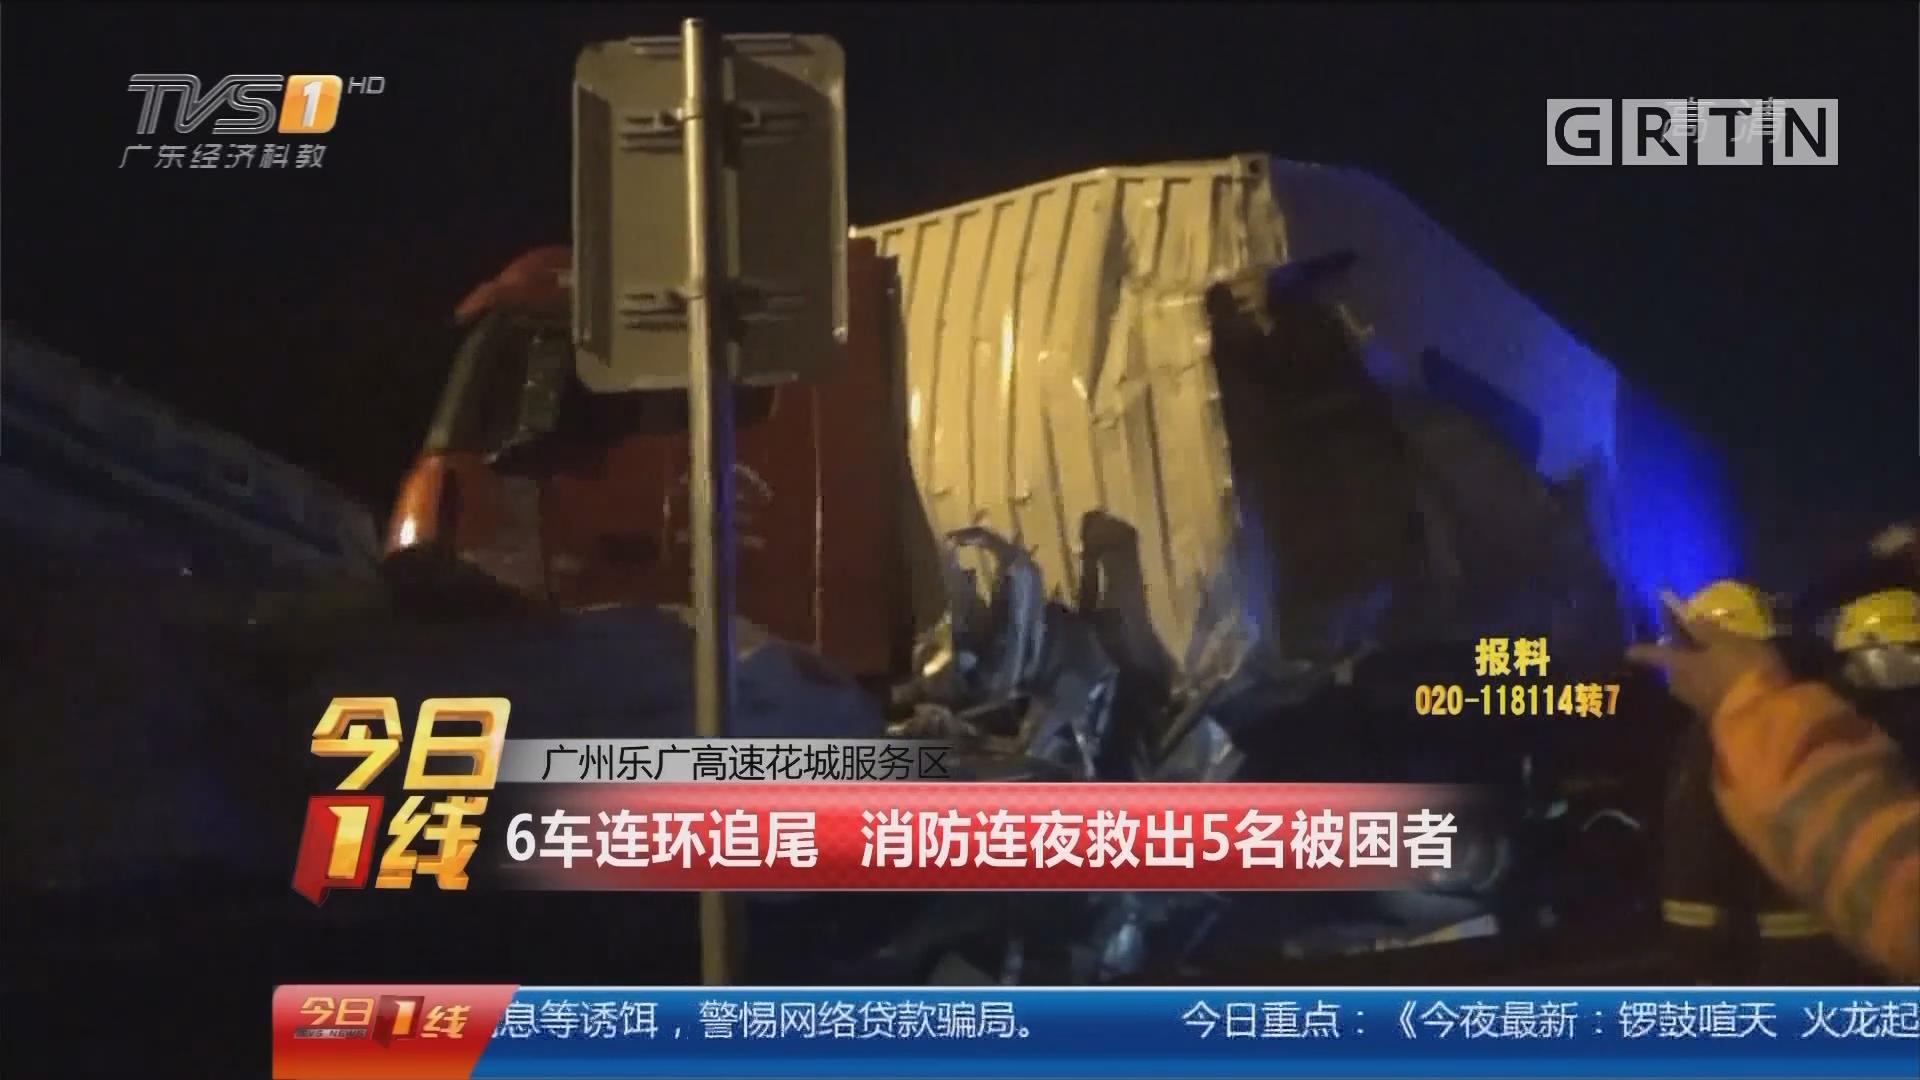 广州乐广高速花城服务区:6车连环追尾 消防连夜救出5名被困者